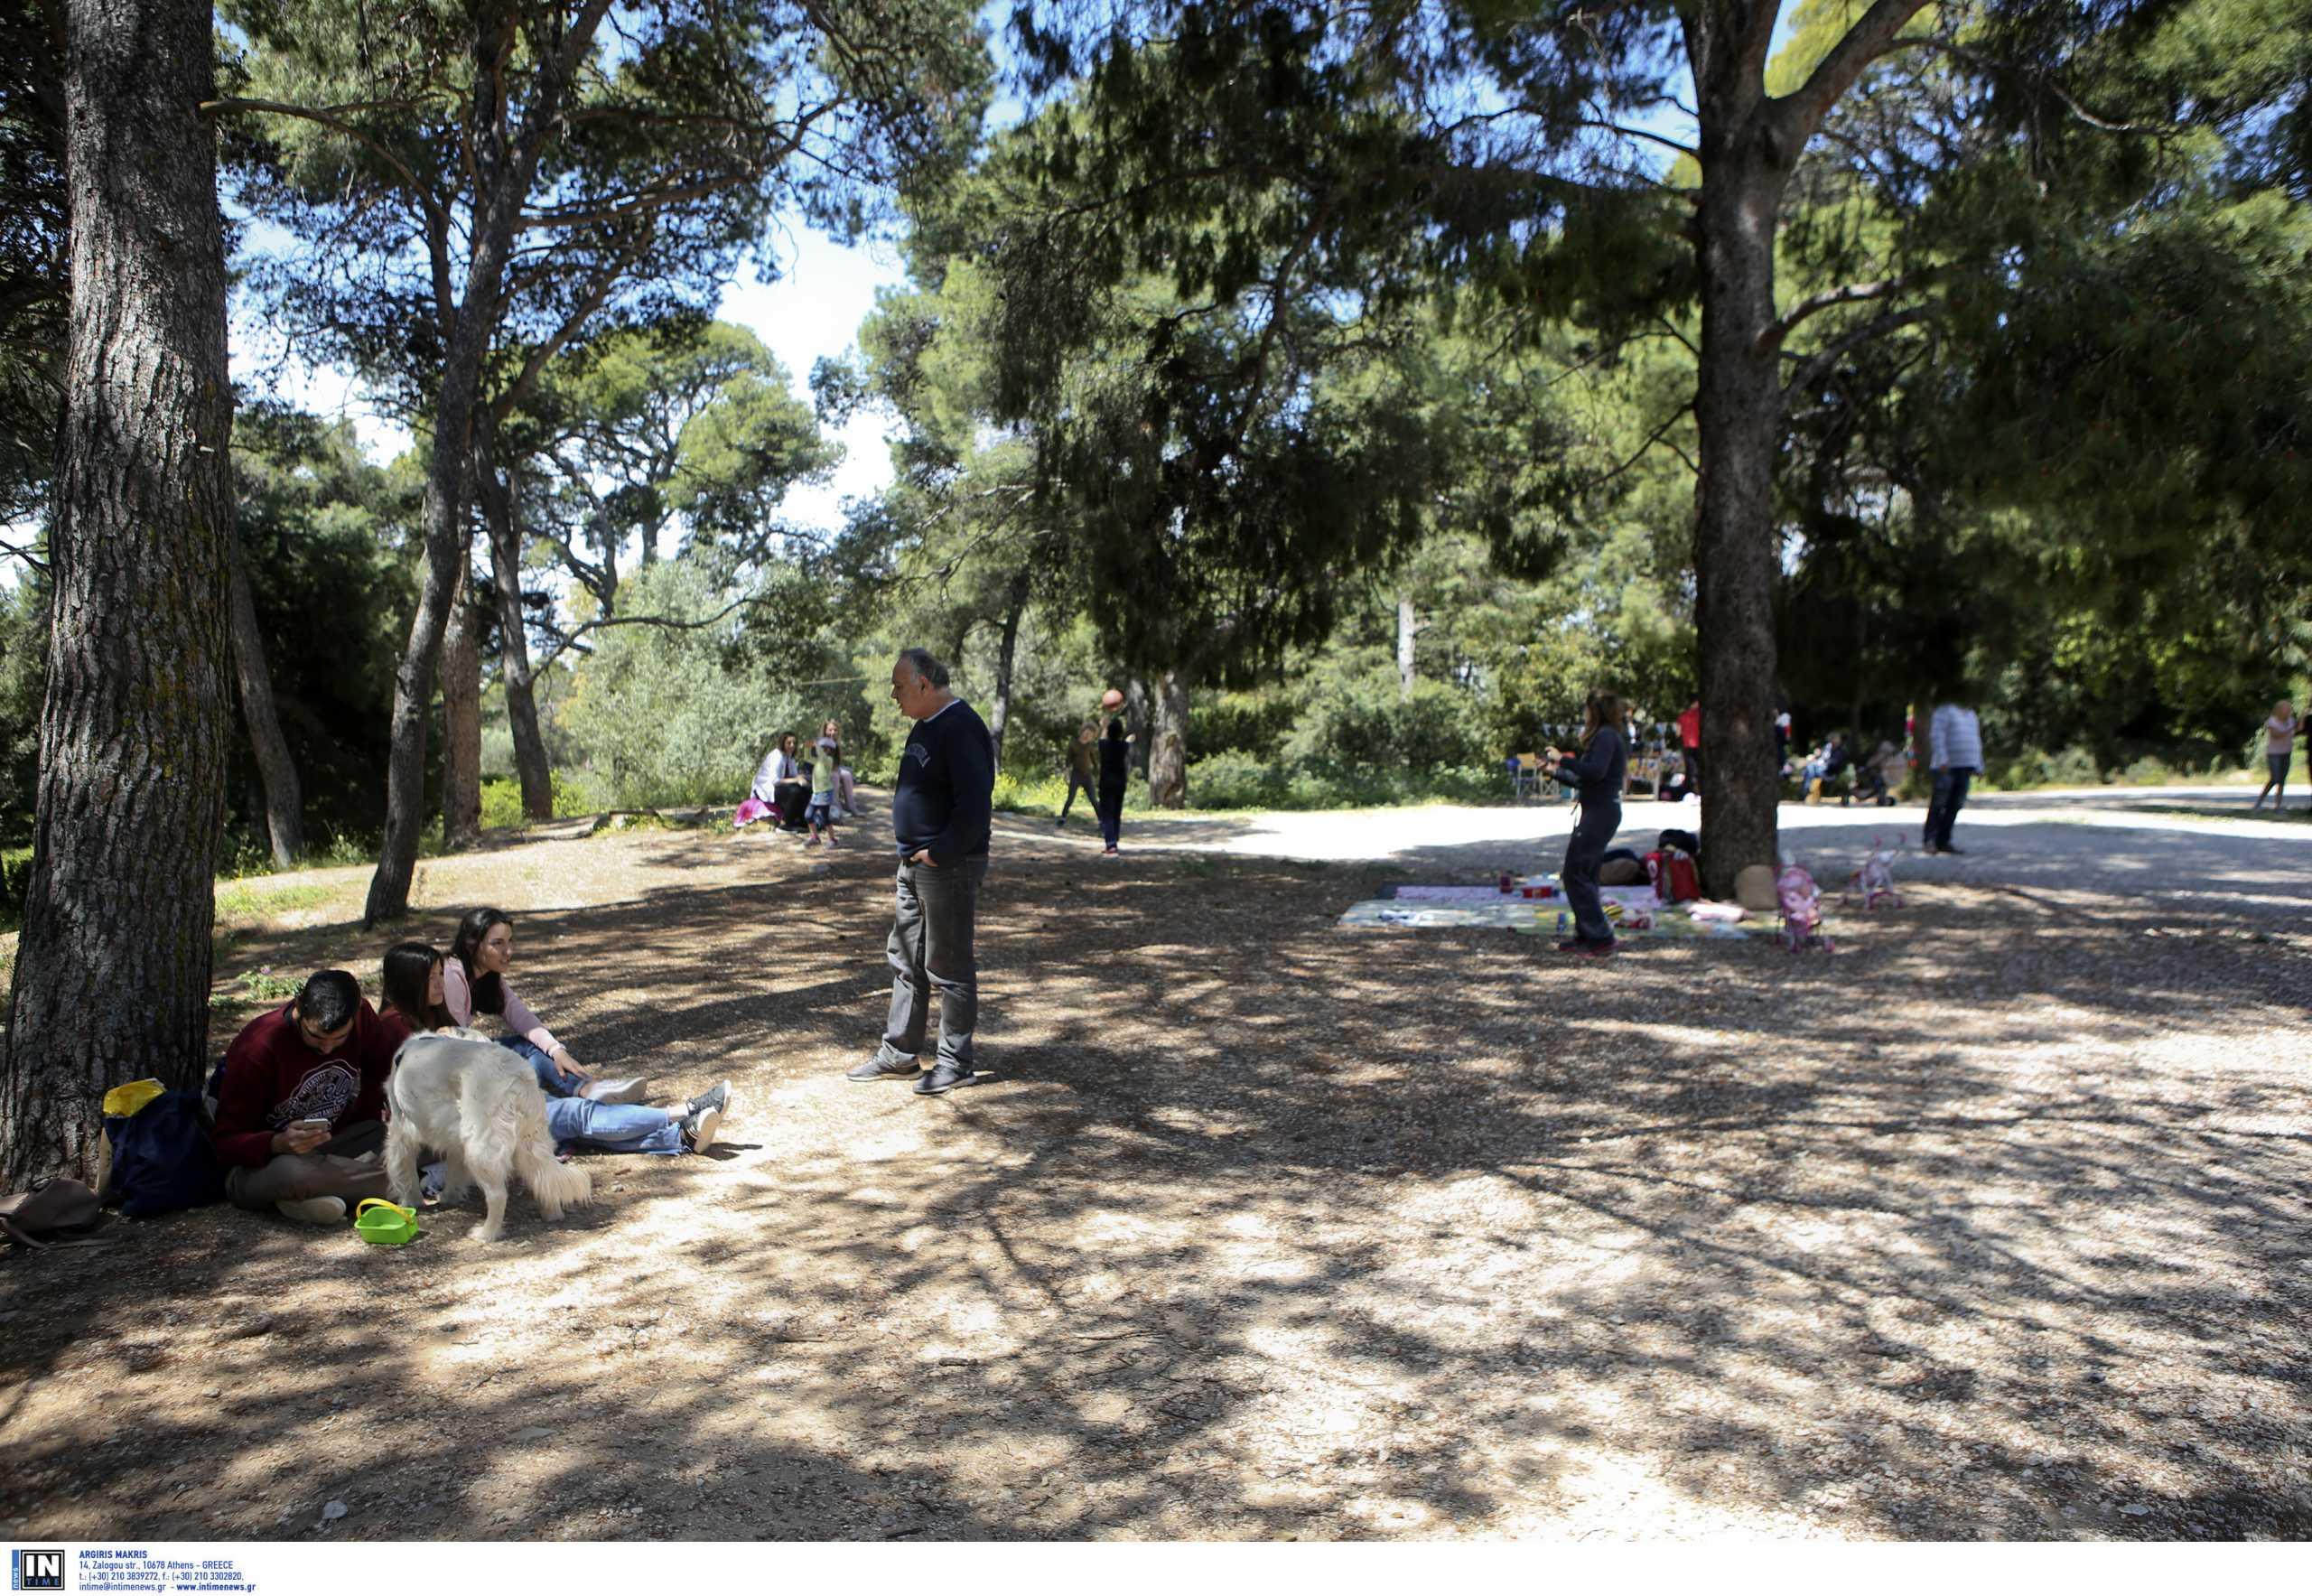 Βόλτα στην Αττική: Εξερεύνησε το εντυπωσιακό Άλσος Συγγρού